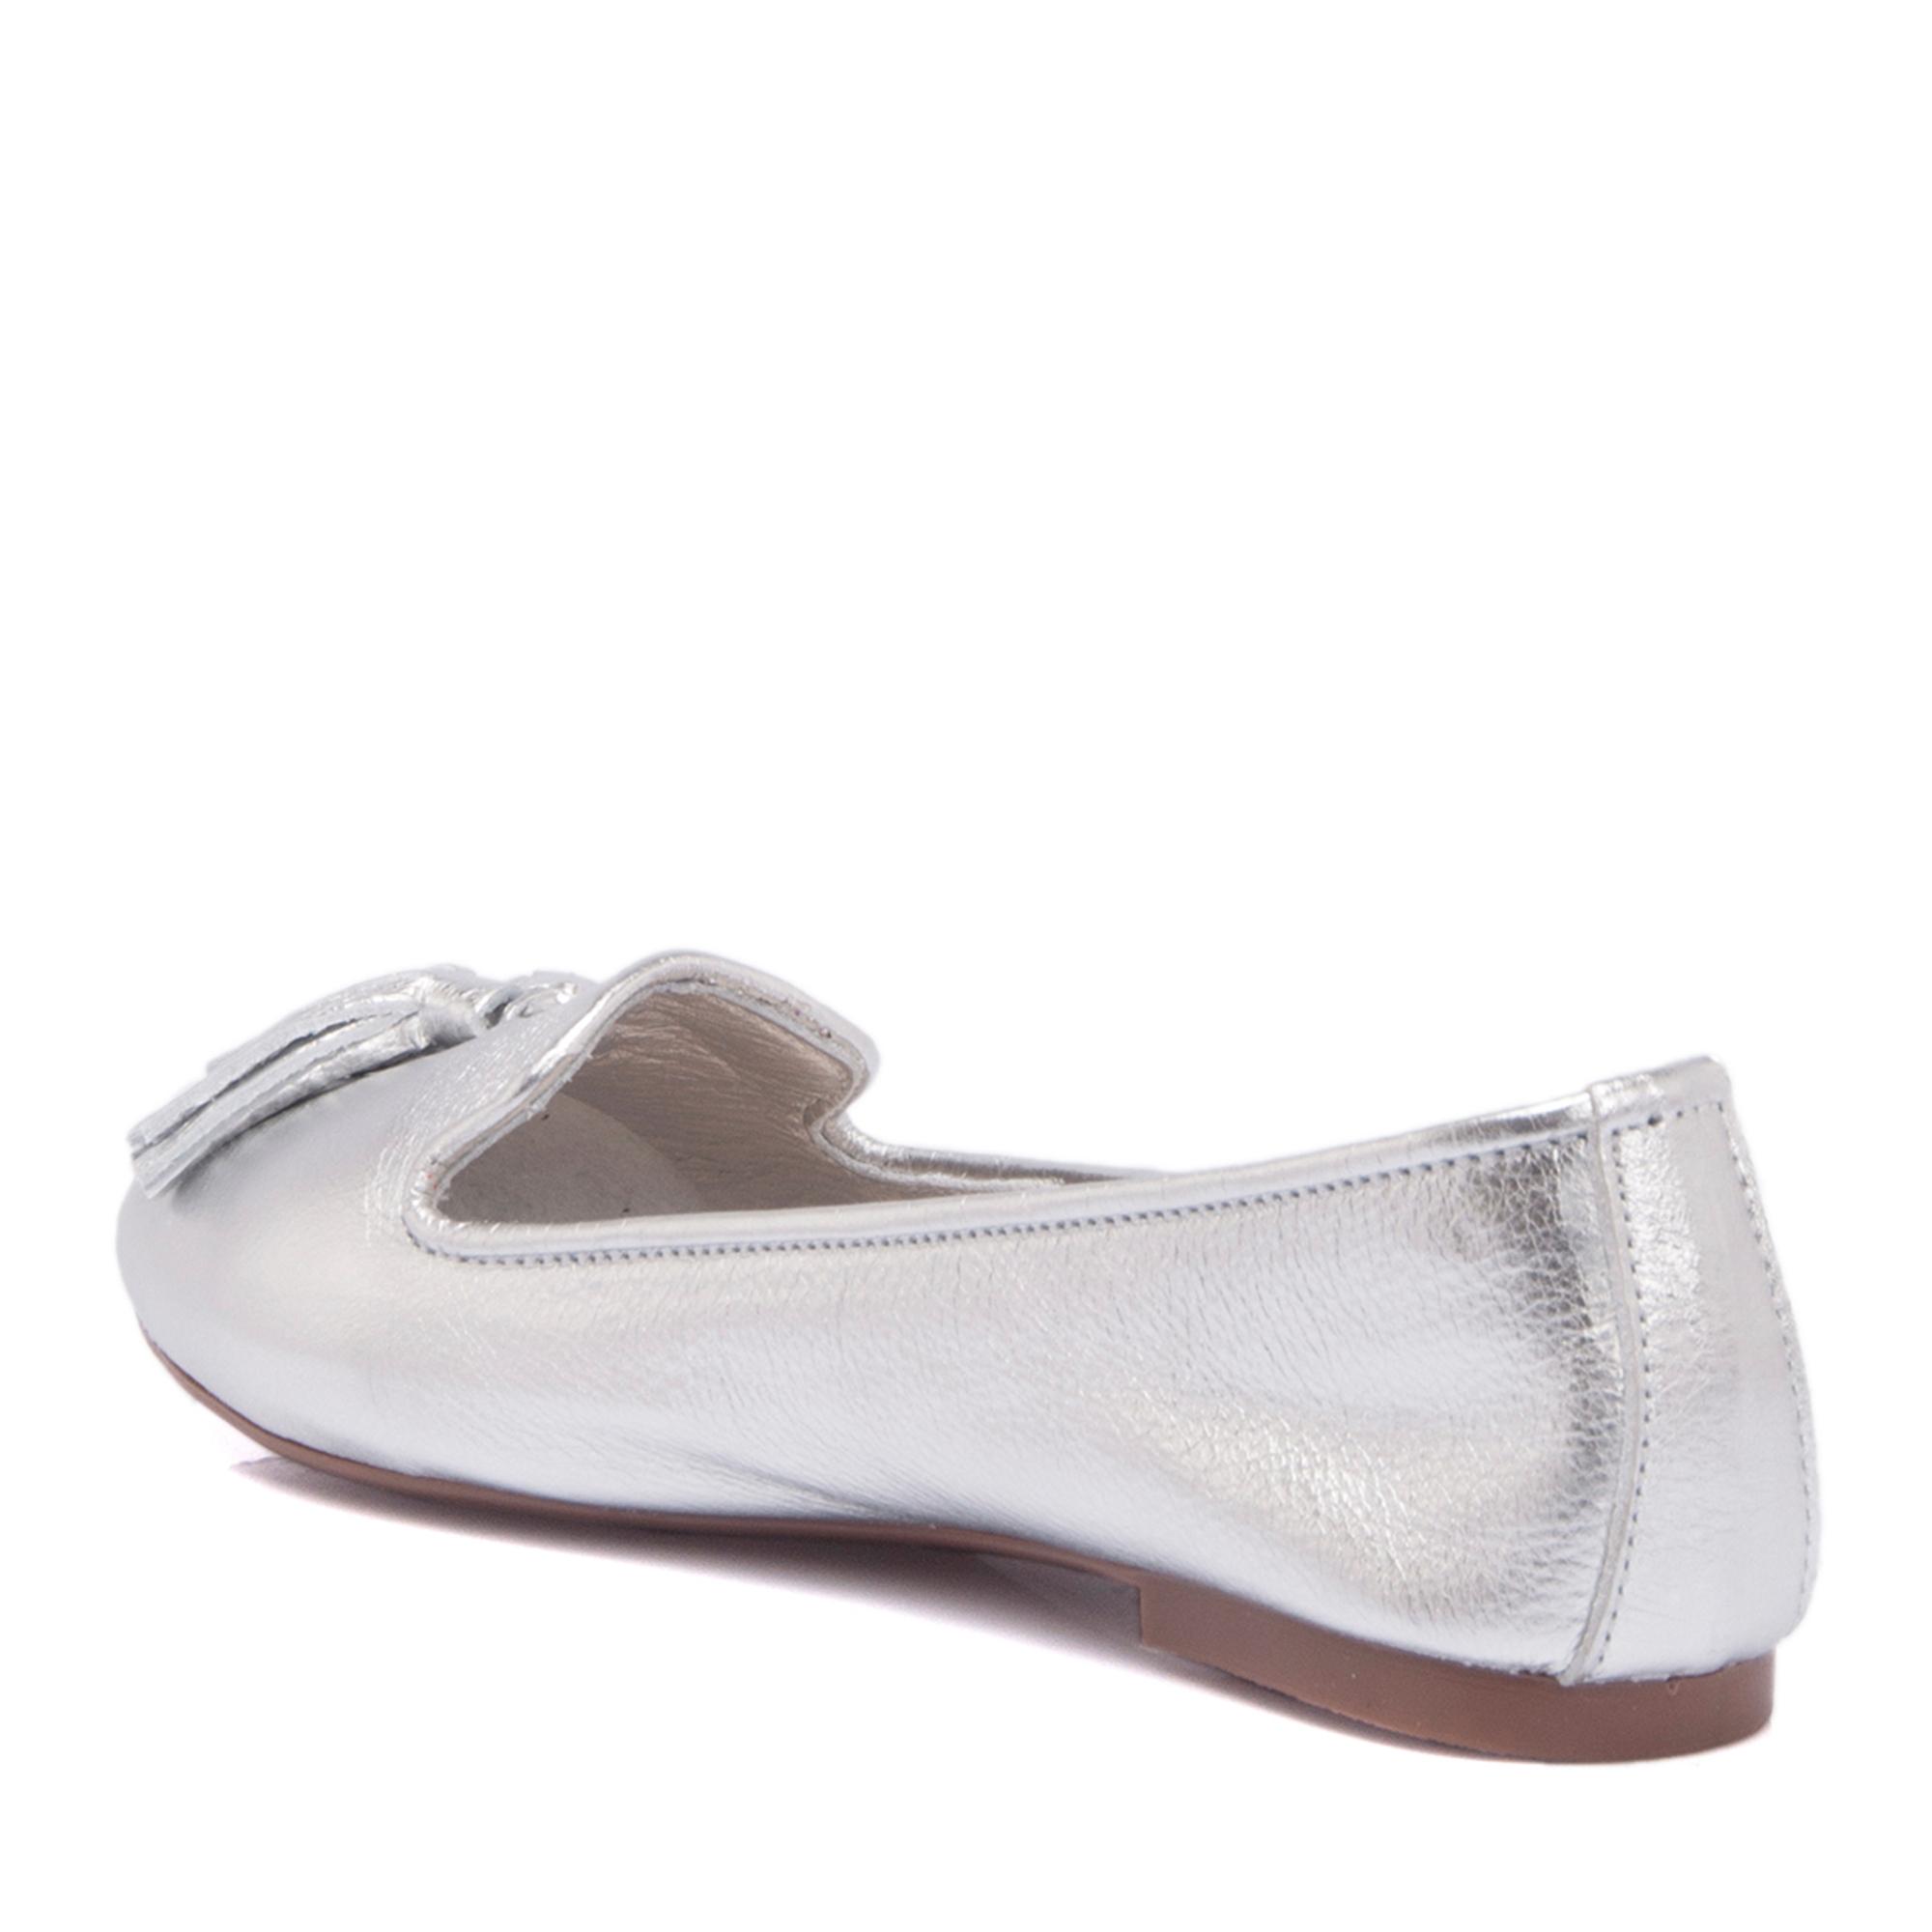 Lame Deri Kadın Ayakkabı 64216A33